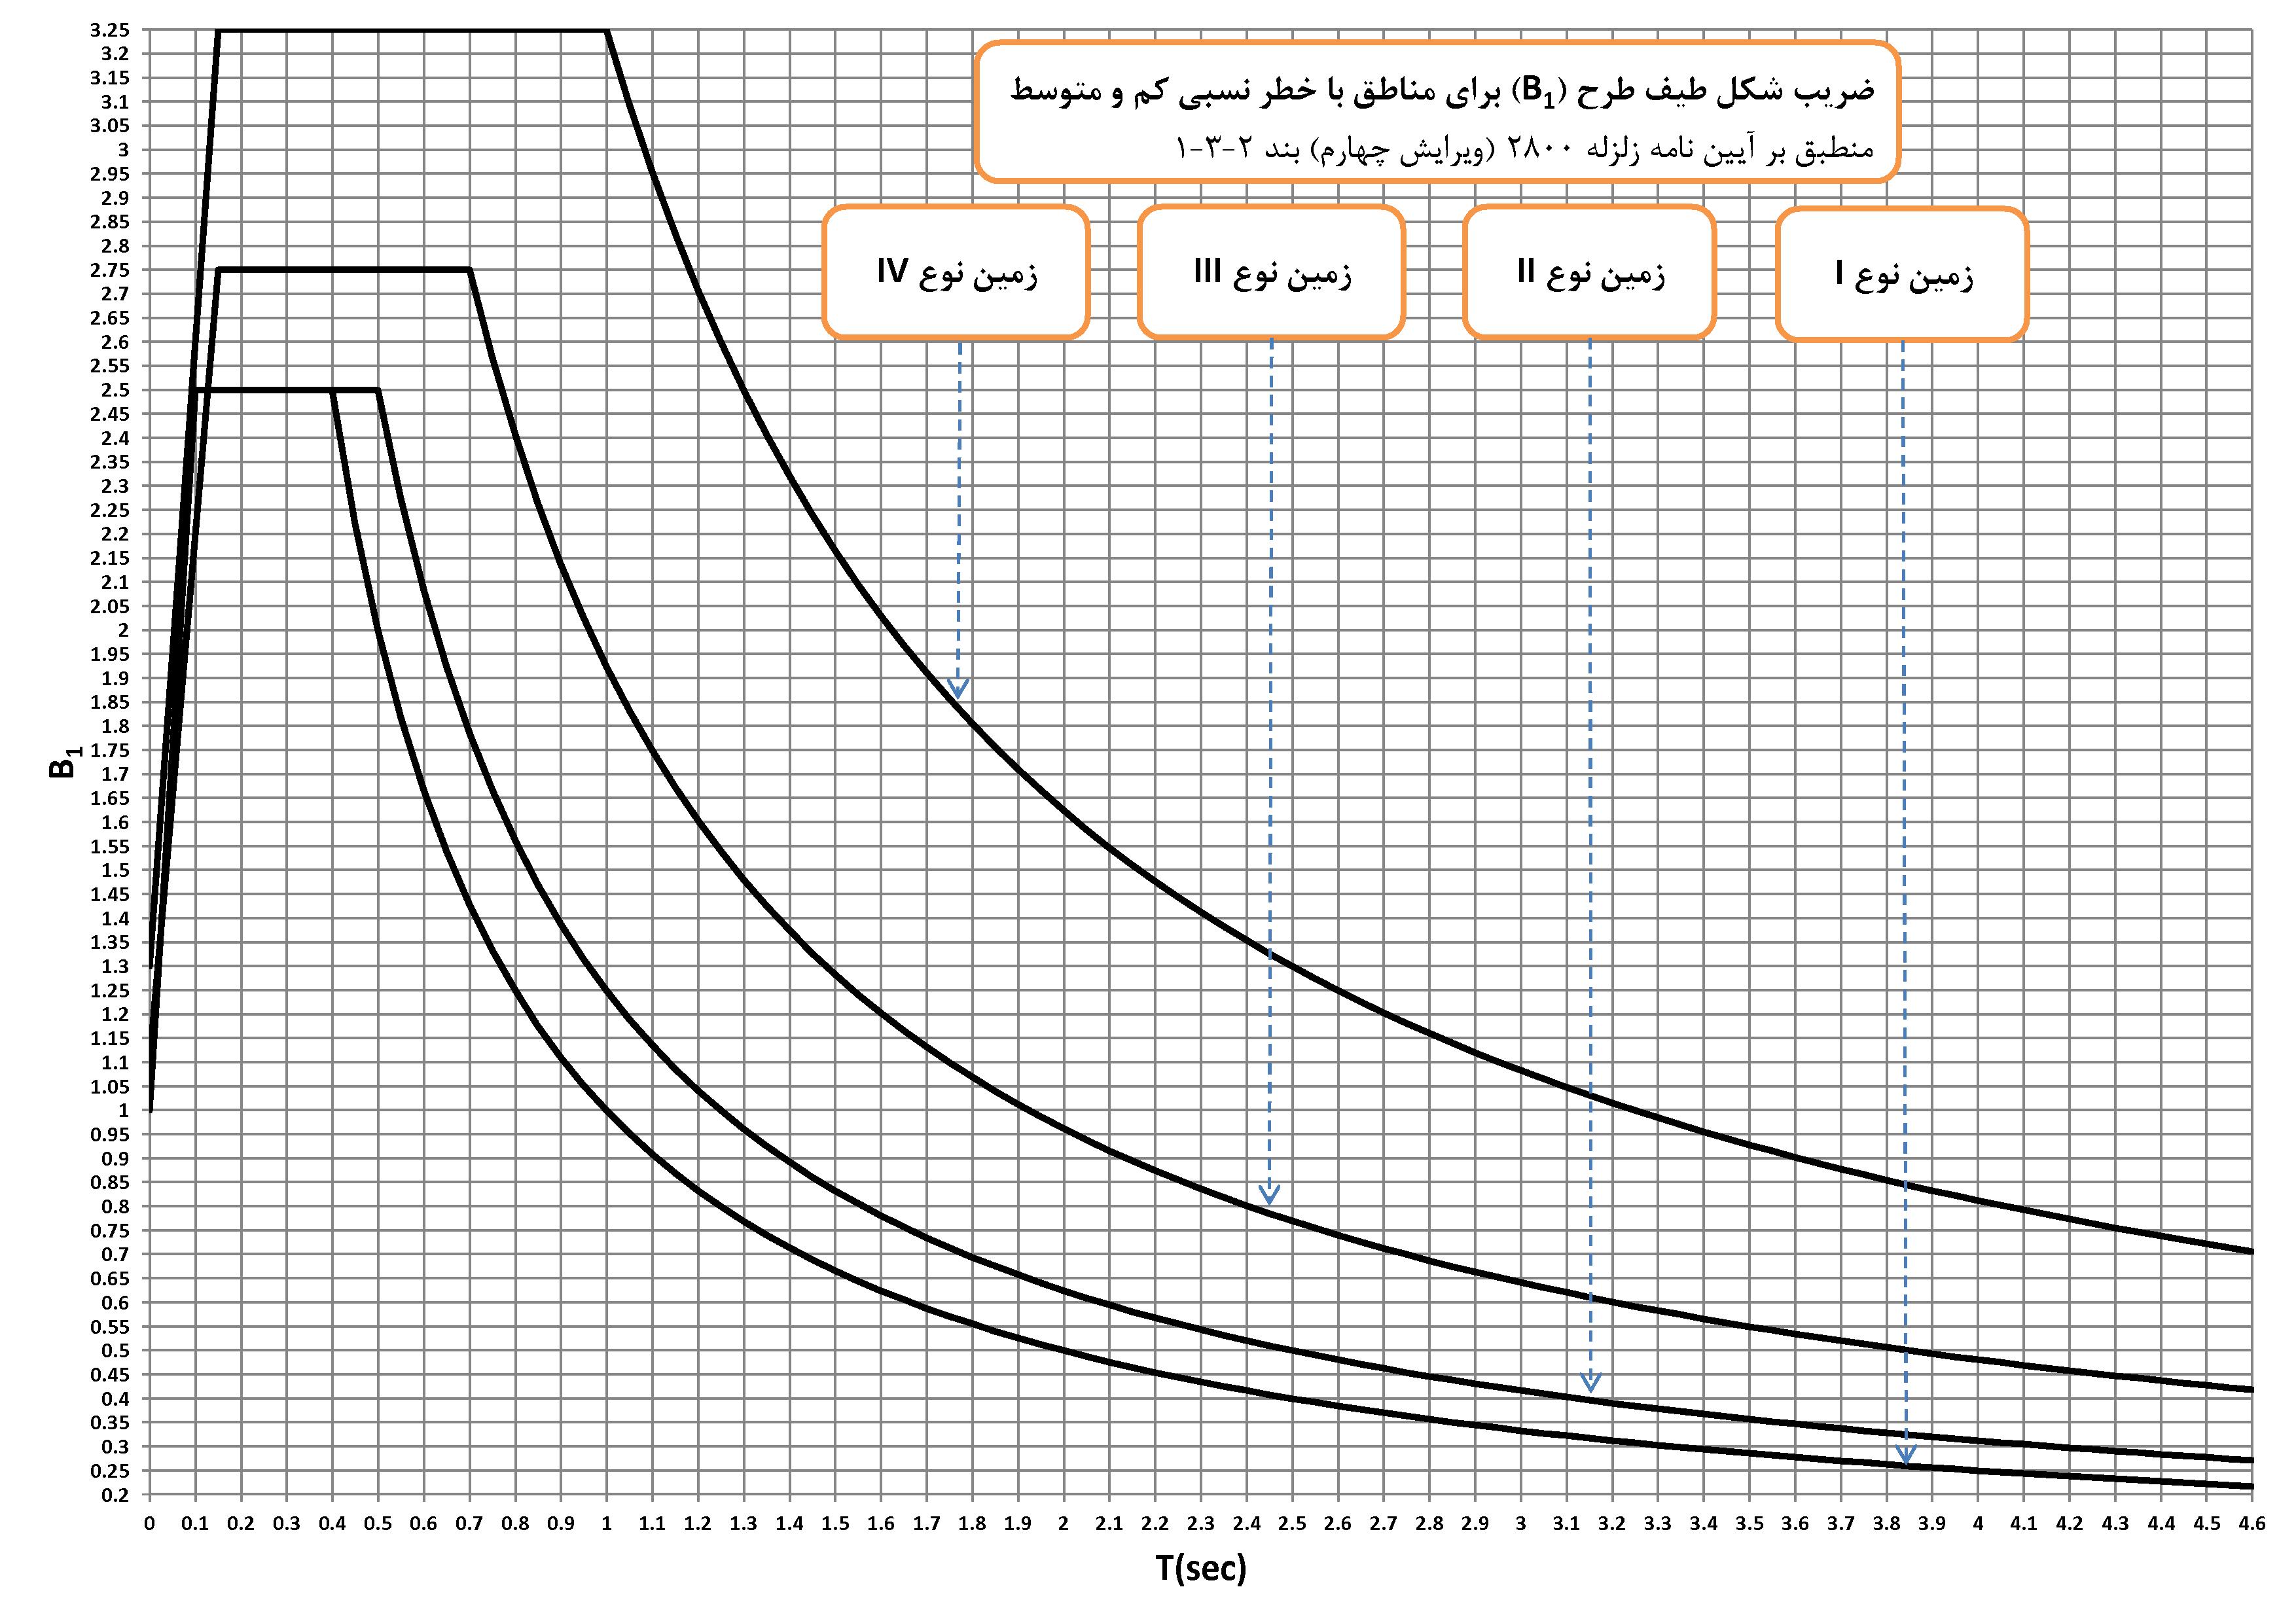 نمودار کاربردی ضریب شکل طیف طرح